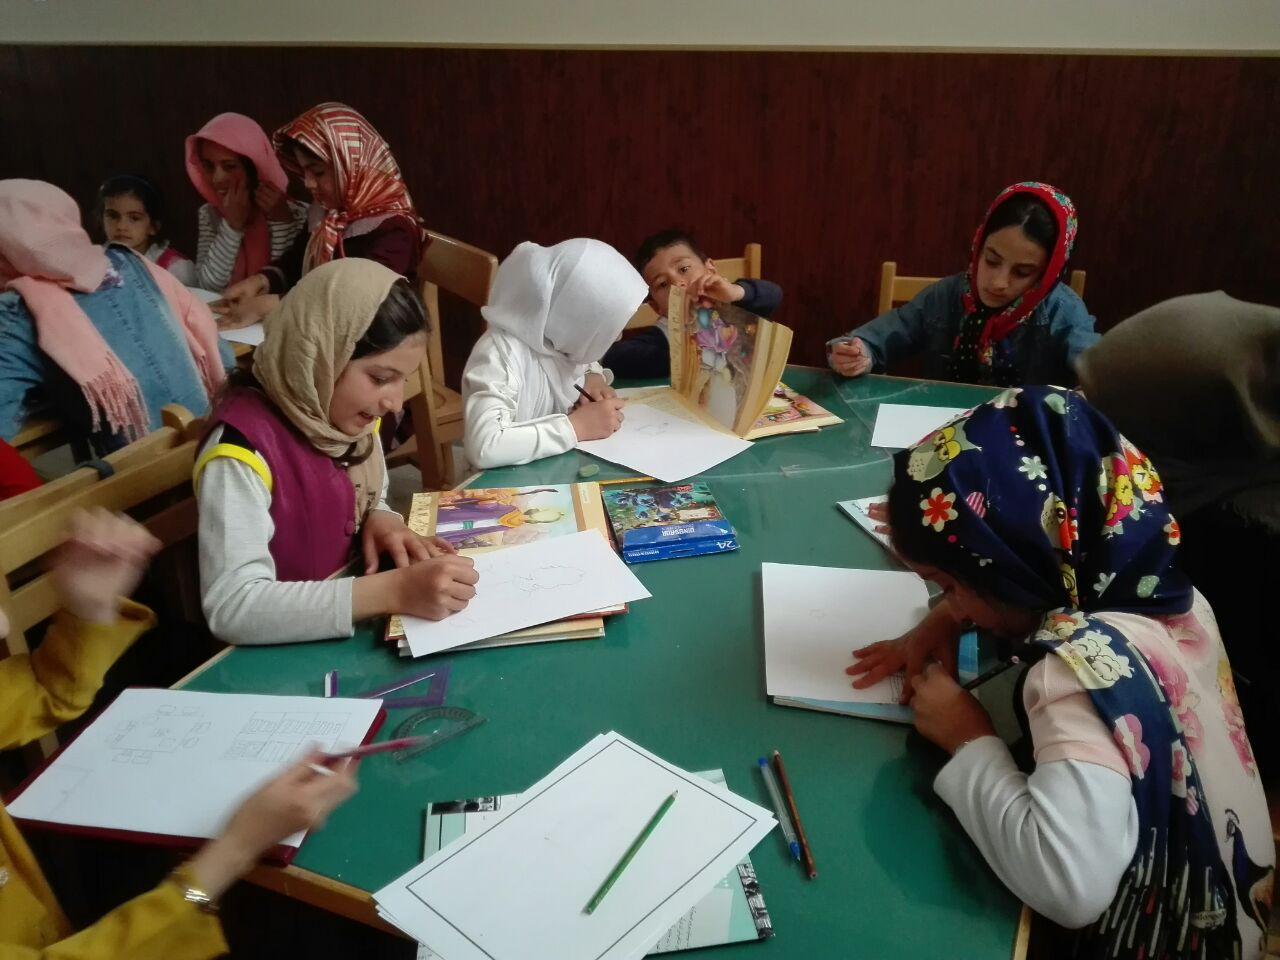 برگزاری ایستگاه نقاشی کتابخانه عمومی شهید خدابنده لو زرین رود